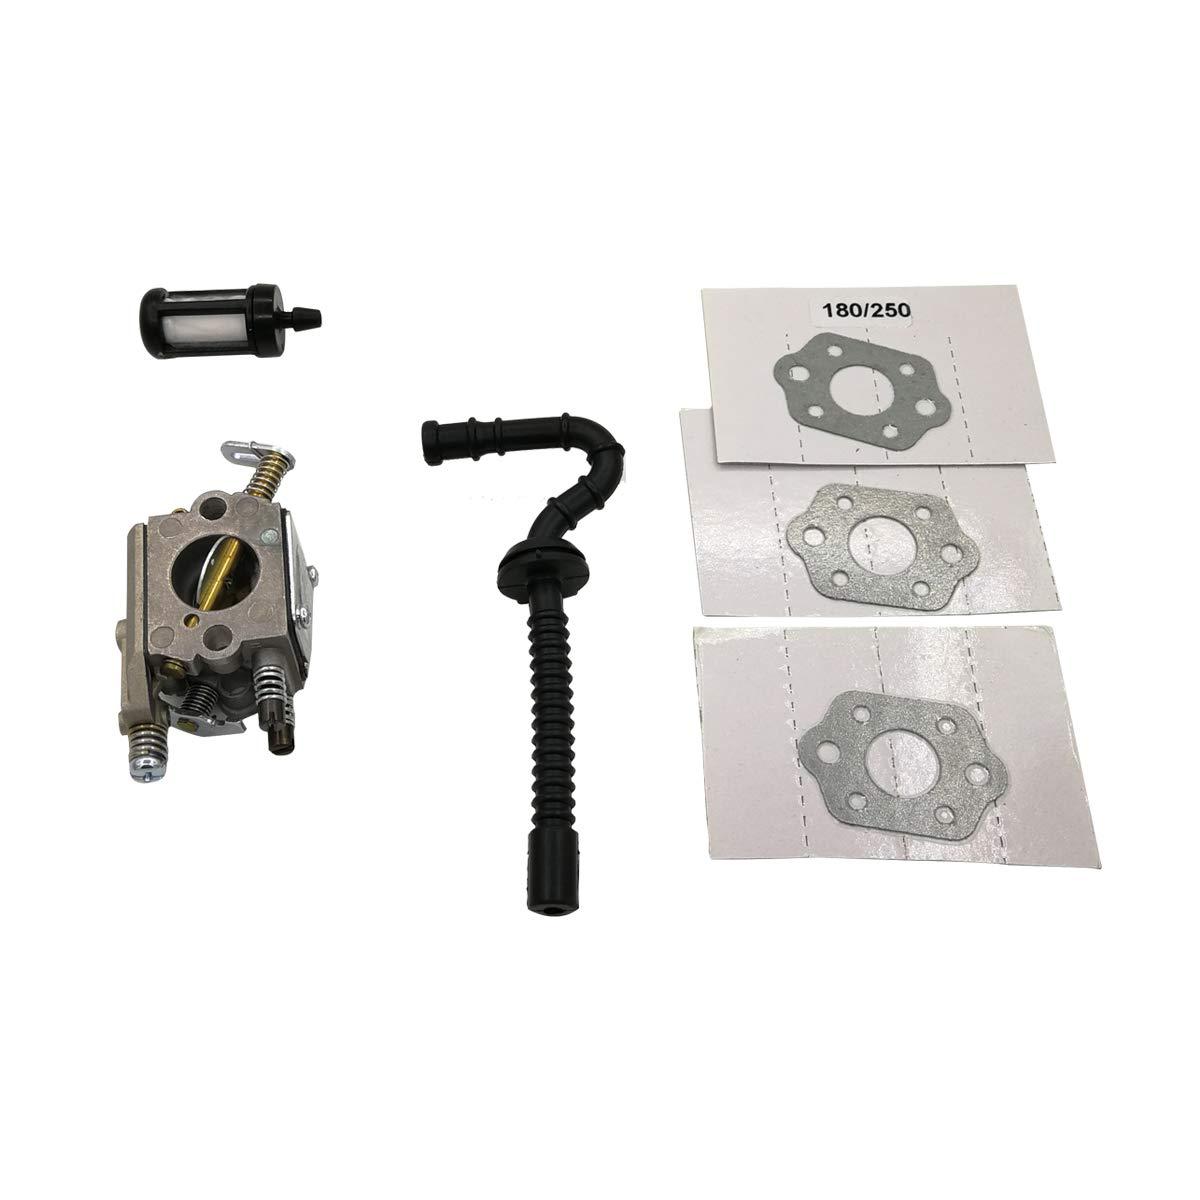 Shioshen Carburador con Kit de Filtro de Tubo de Manguera de Combustible de Junta para STIHL MS250 MS230 MS210 025 023 021 Motosierra